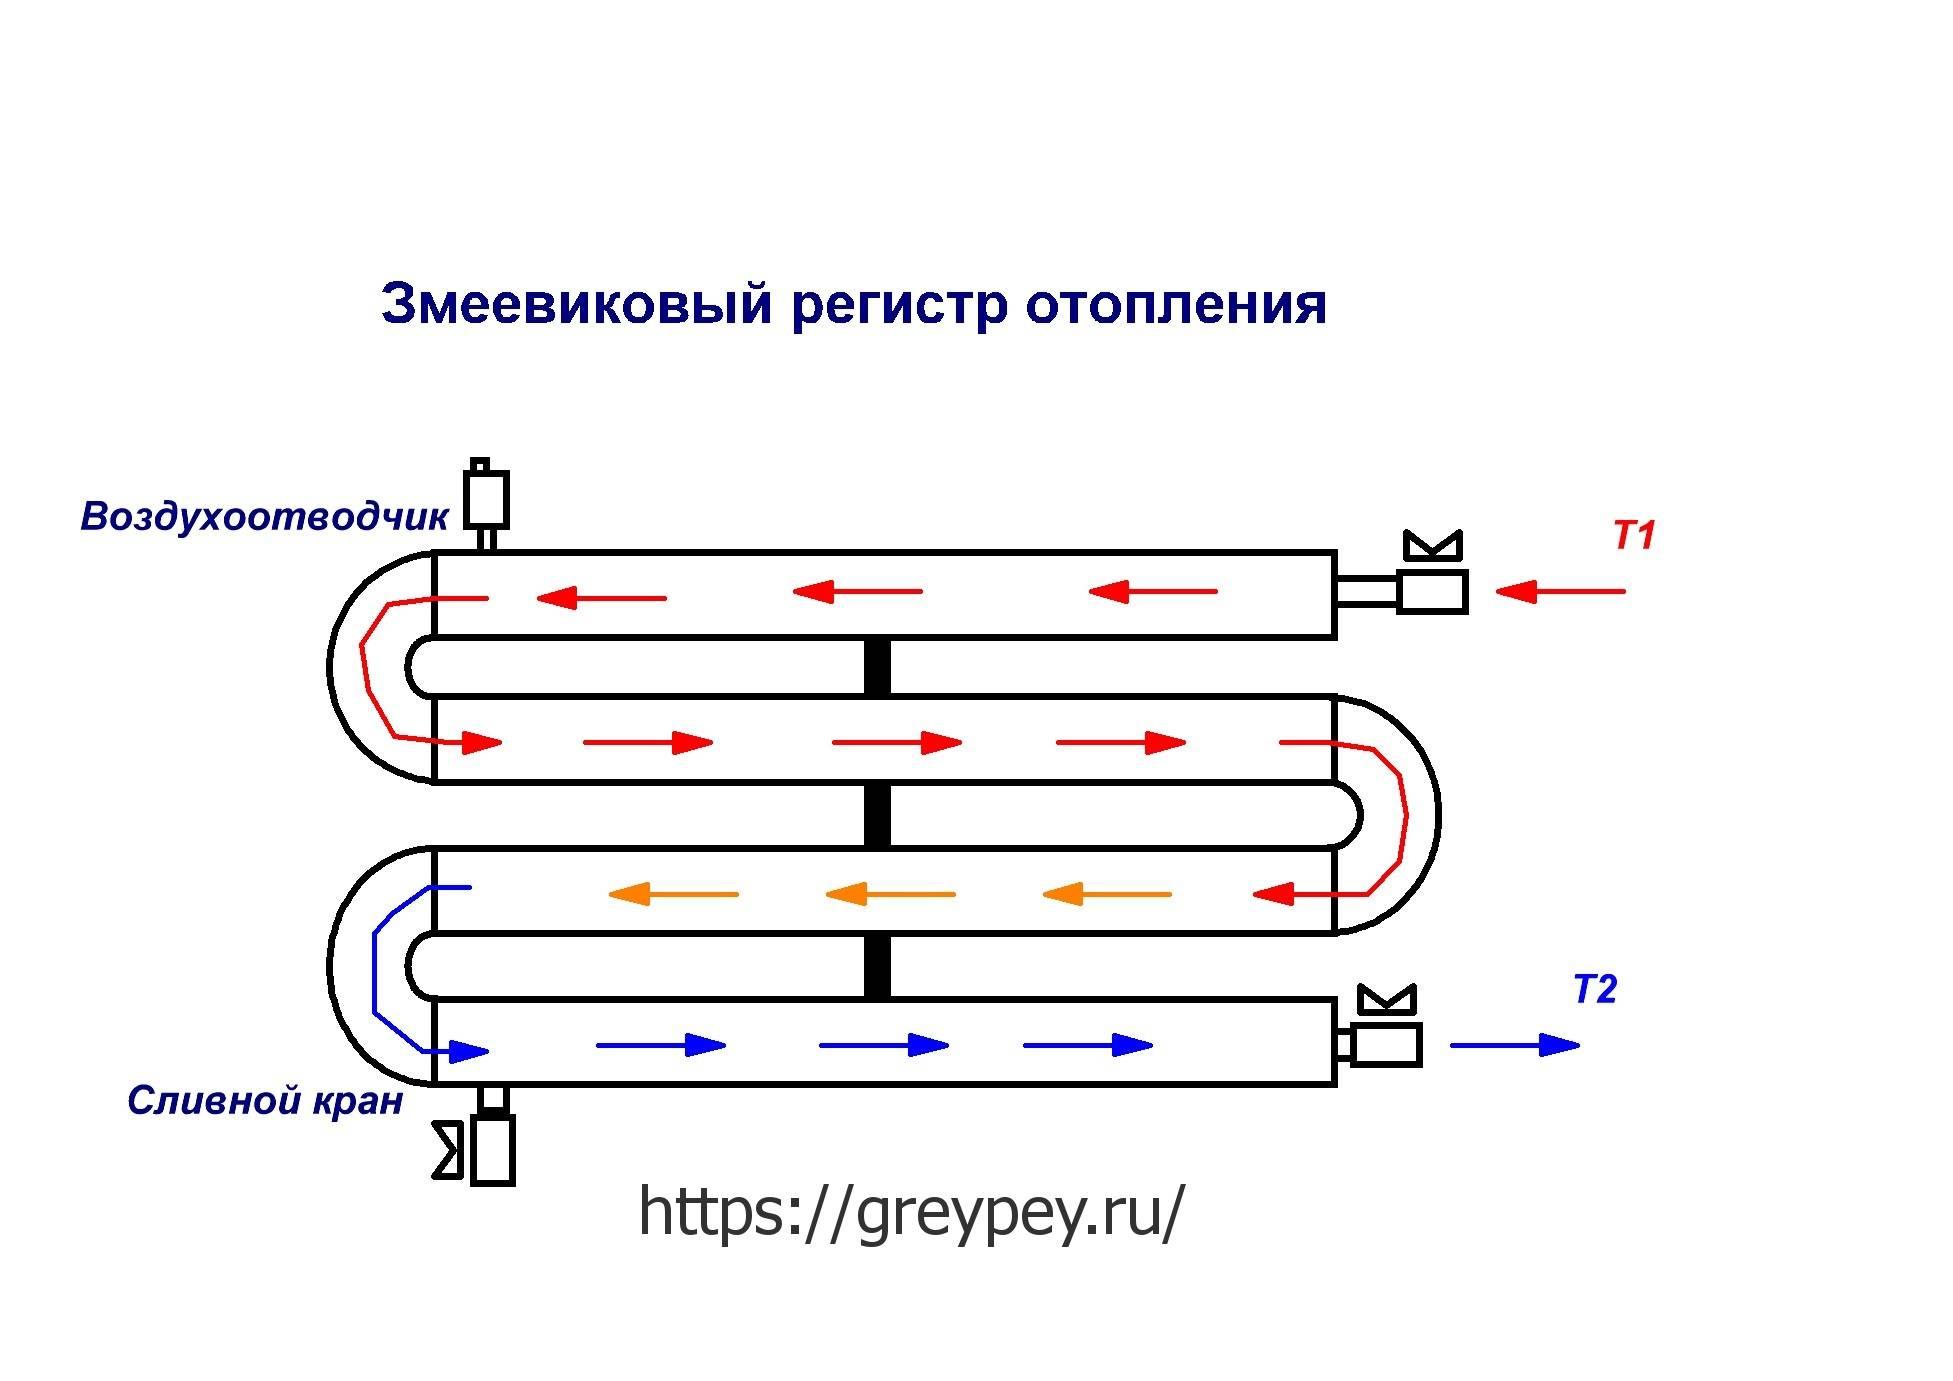 Обзор и расчёт регистров для отопления